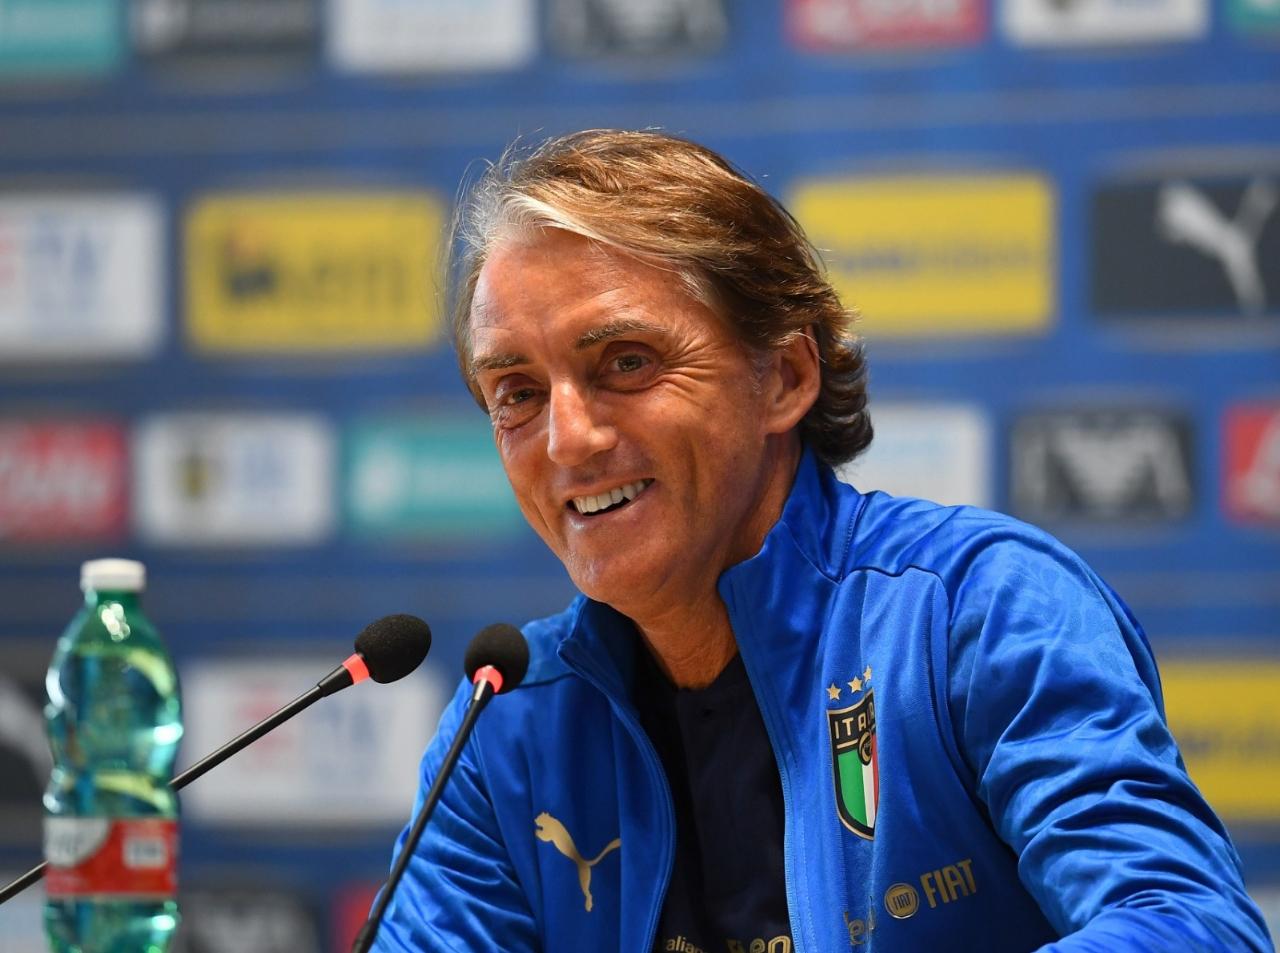 Mancini e Rossi, campioni dello sport marchigiano